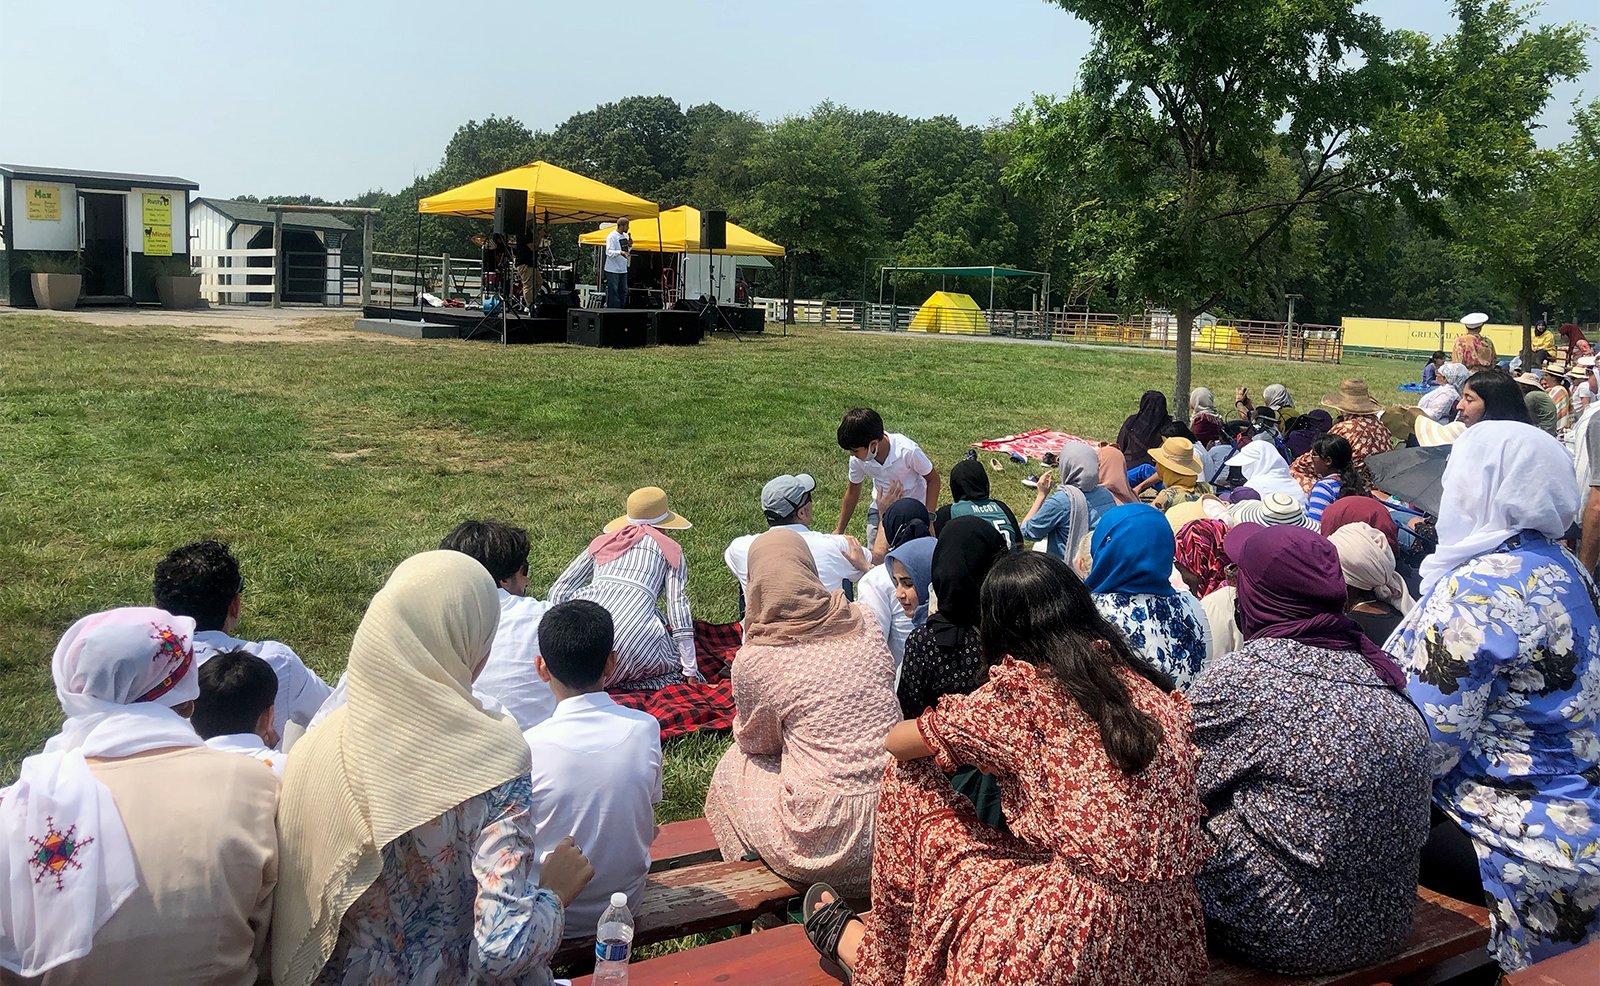 Мусульмане Мэриленда отмечают Ид аль-Адха фермерским карнавалом